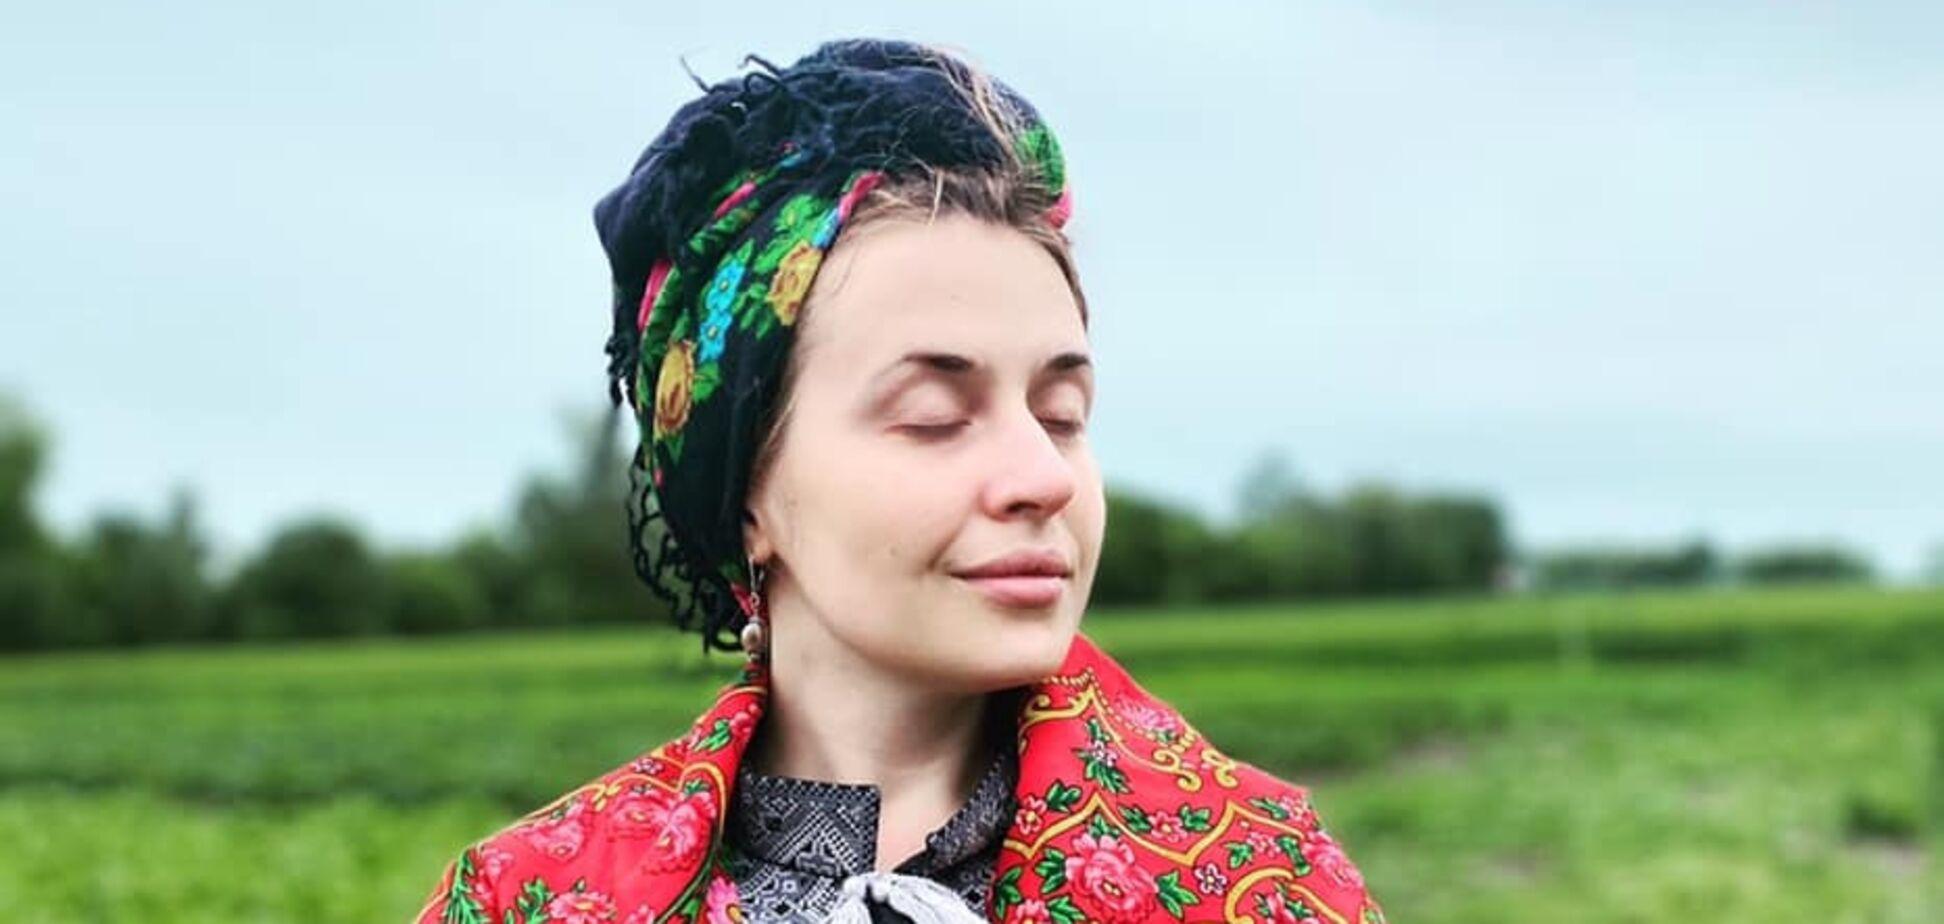 Ночью Анастасия Луговая проснулась от боли